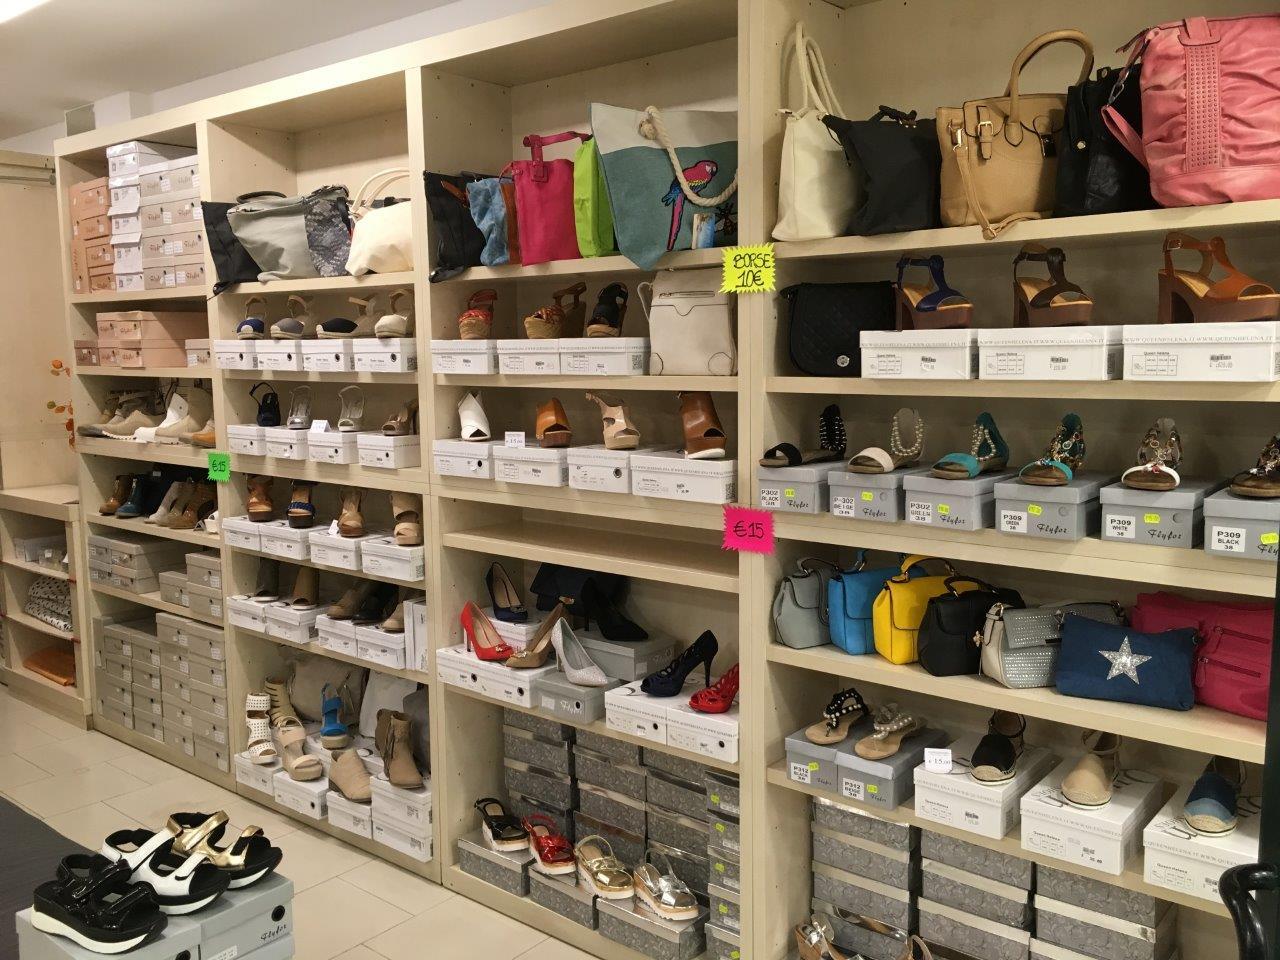 negozio di scarpe passeggiando